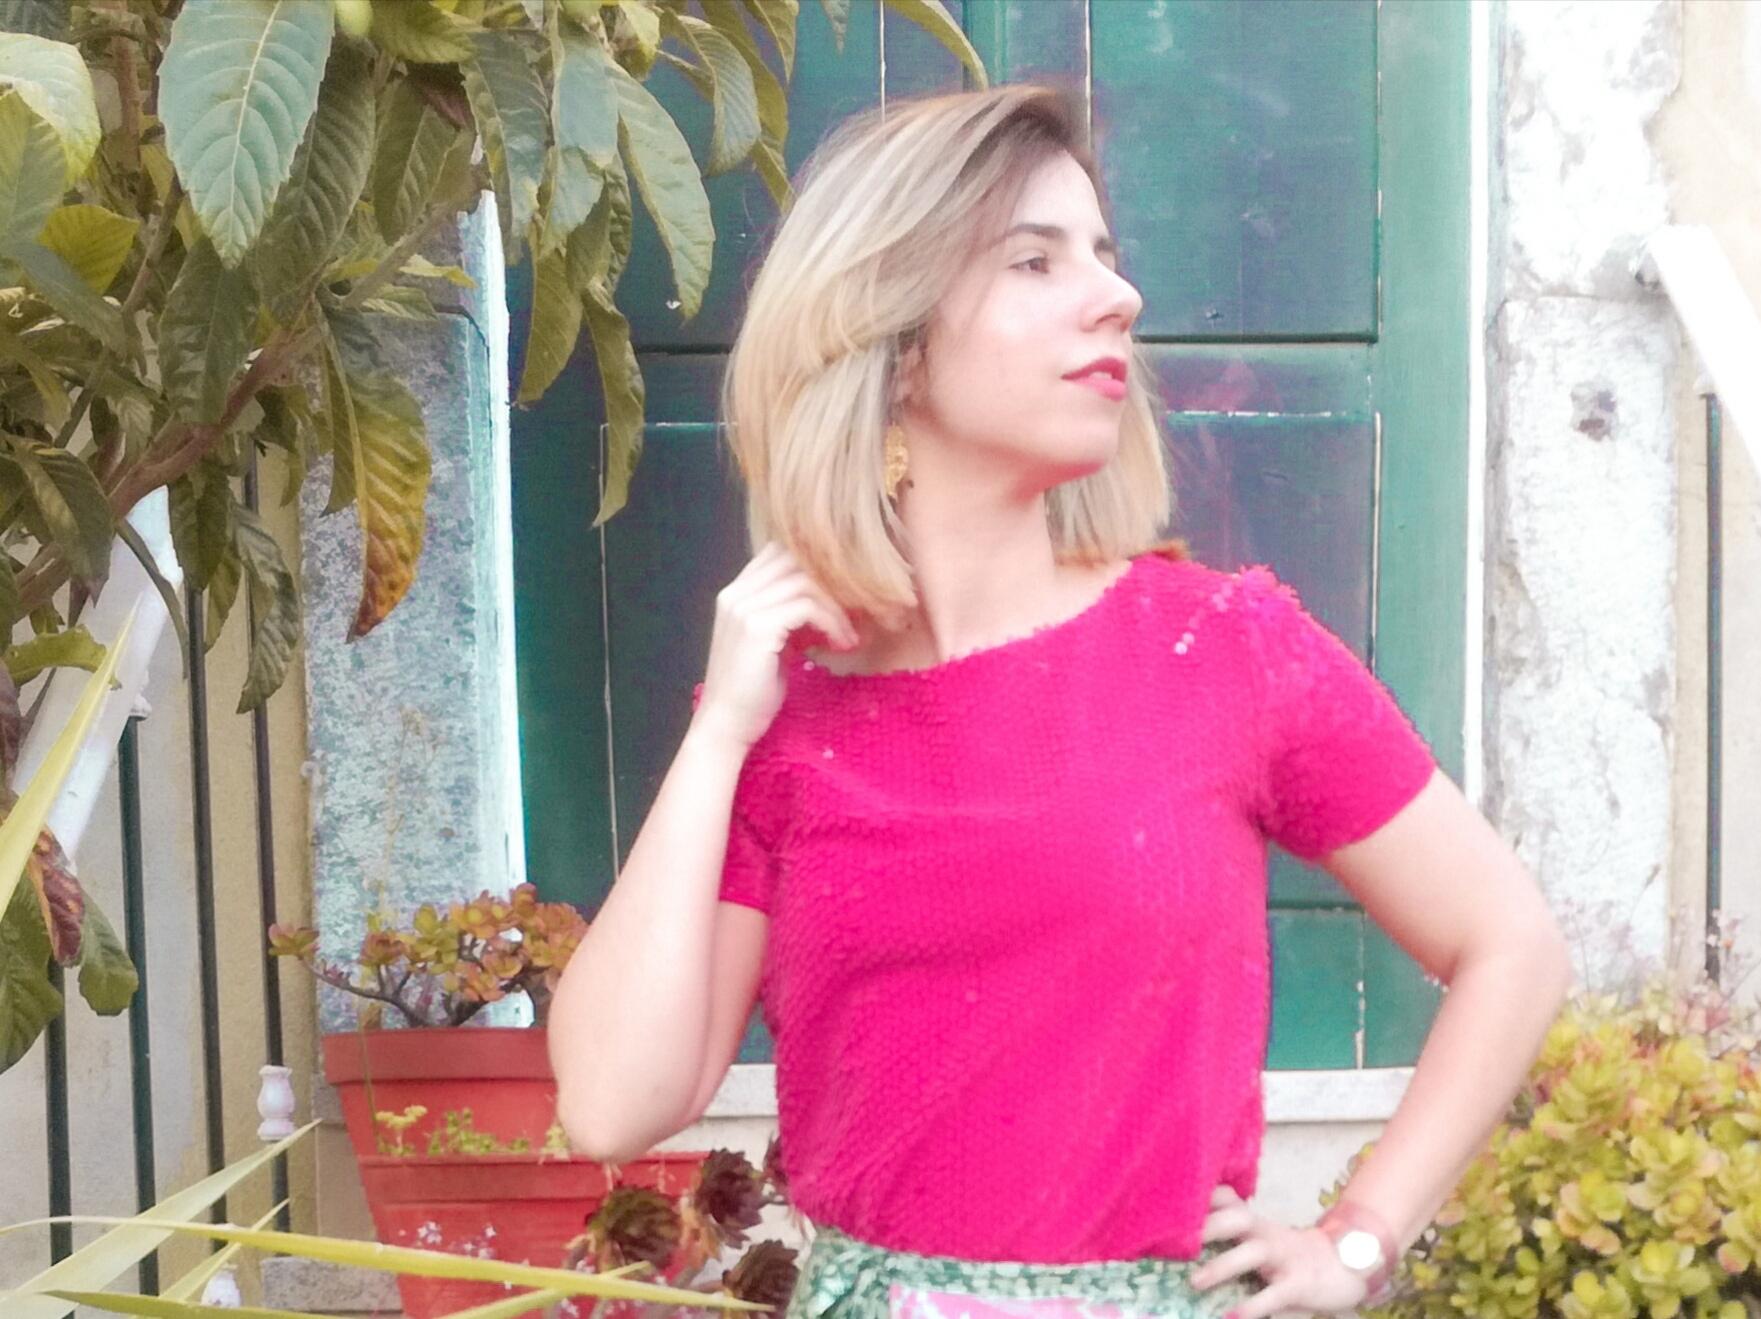 cabelos loiros saudáveis lisboa alexandra cabeleireiros é possível descolorir cabelo preto